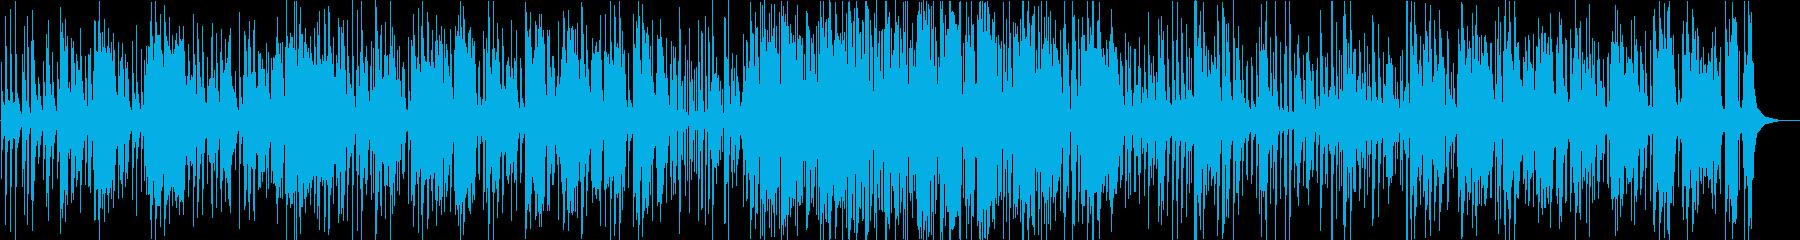 ゆったりテンポのオールドタイプジャズの再生済みの波形